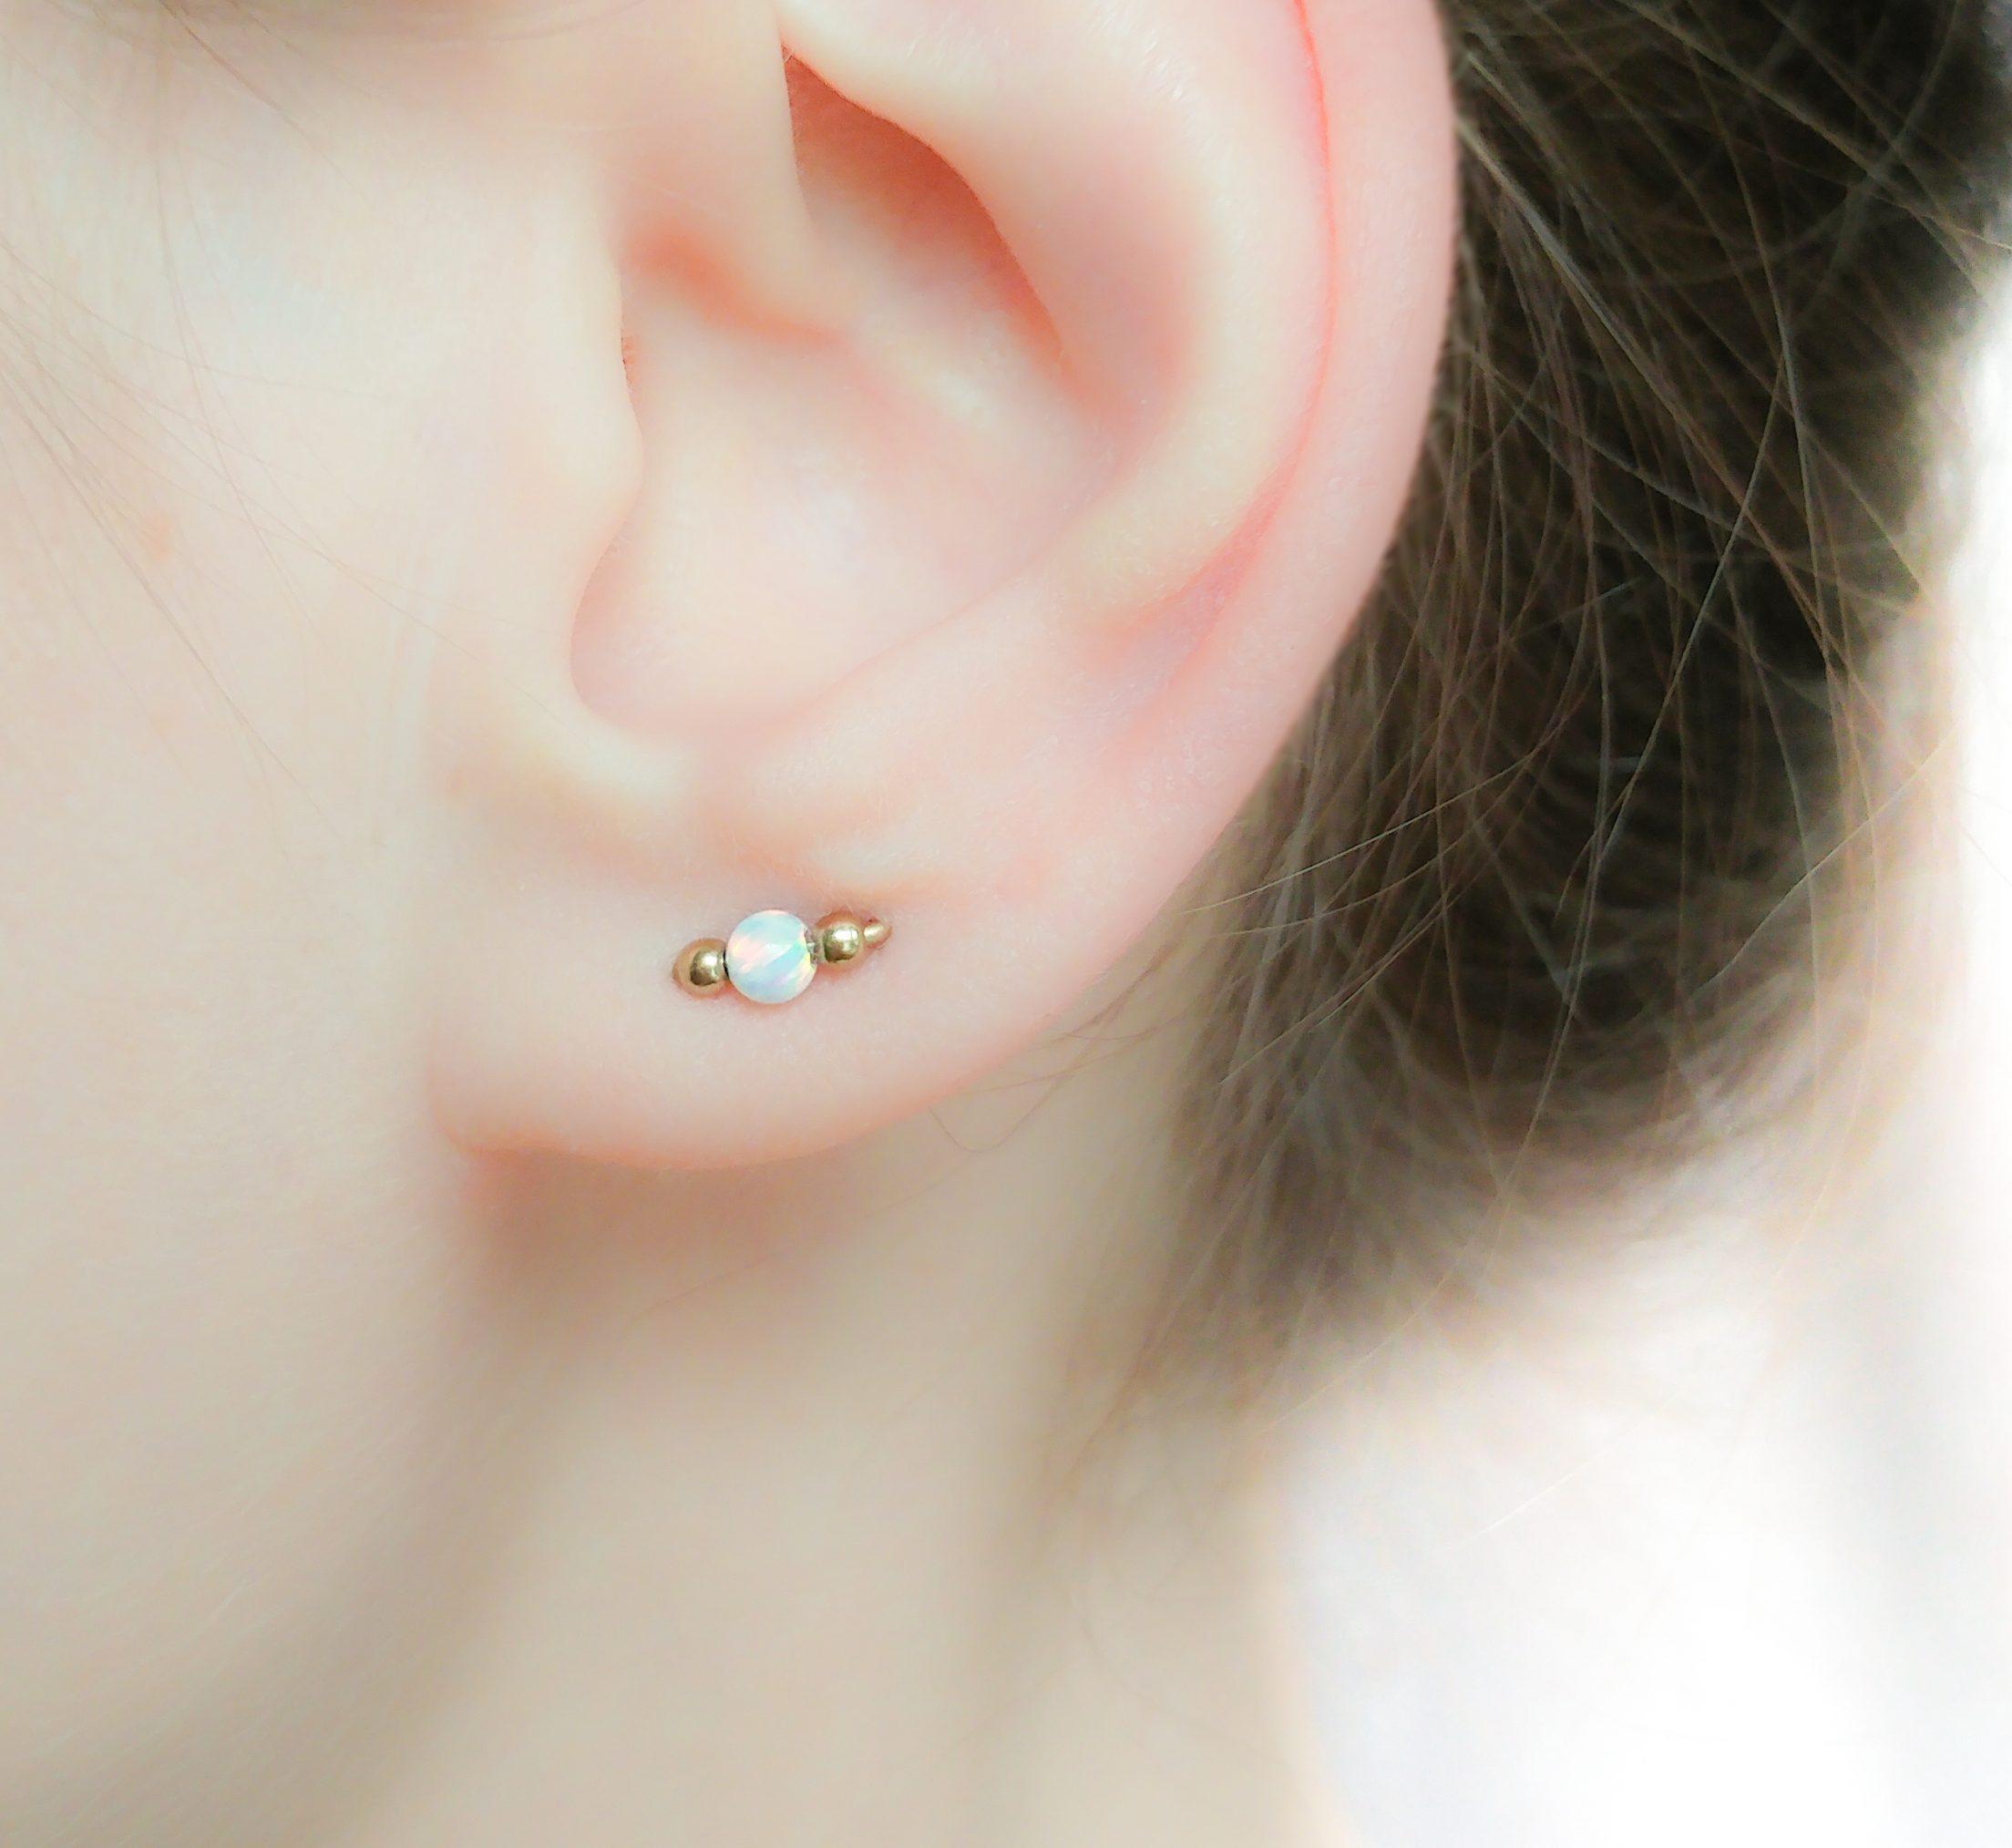 Double Piercing Opal Earring